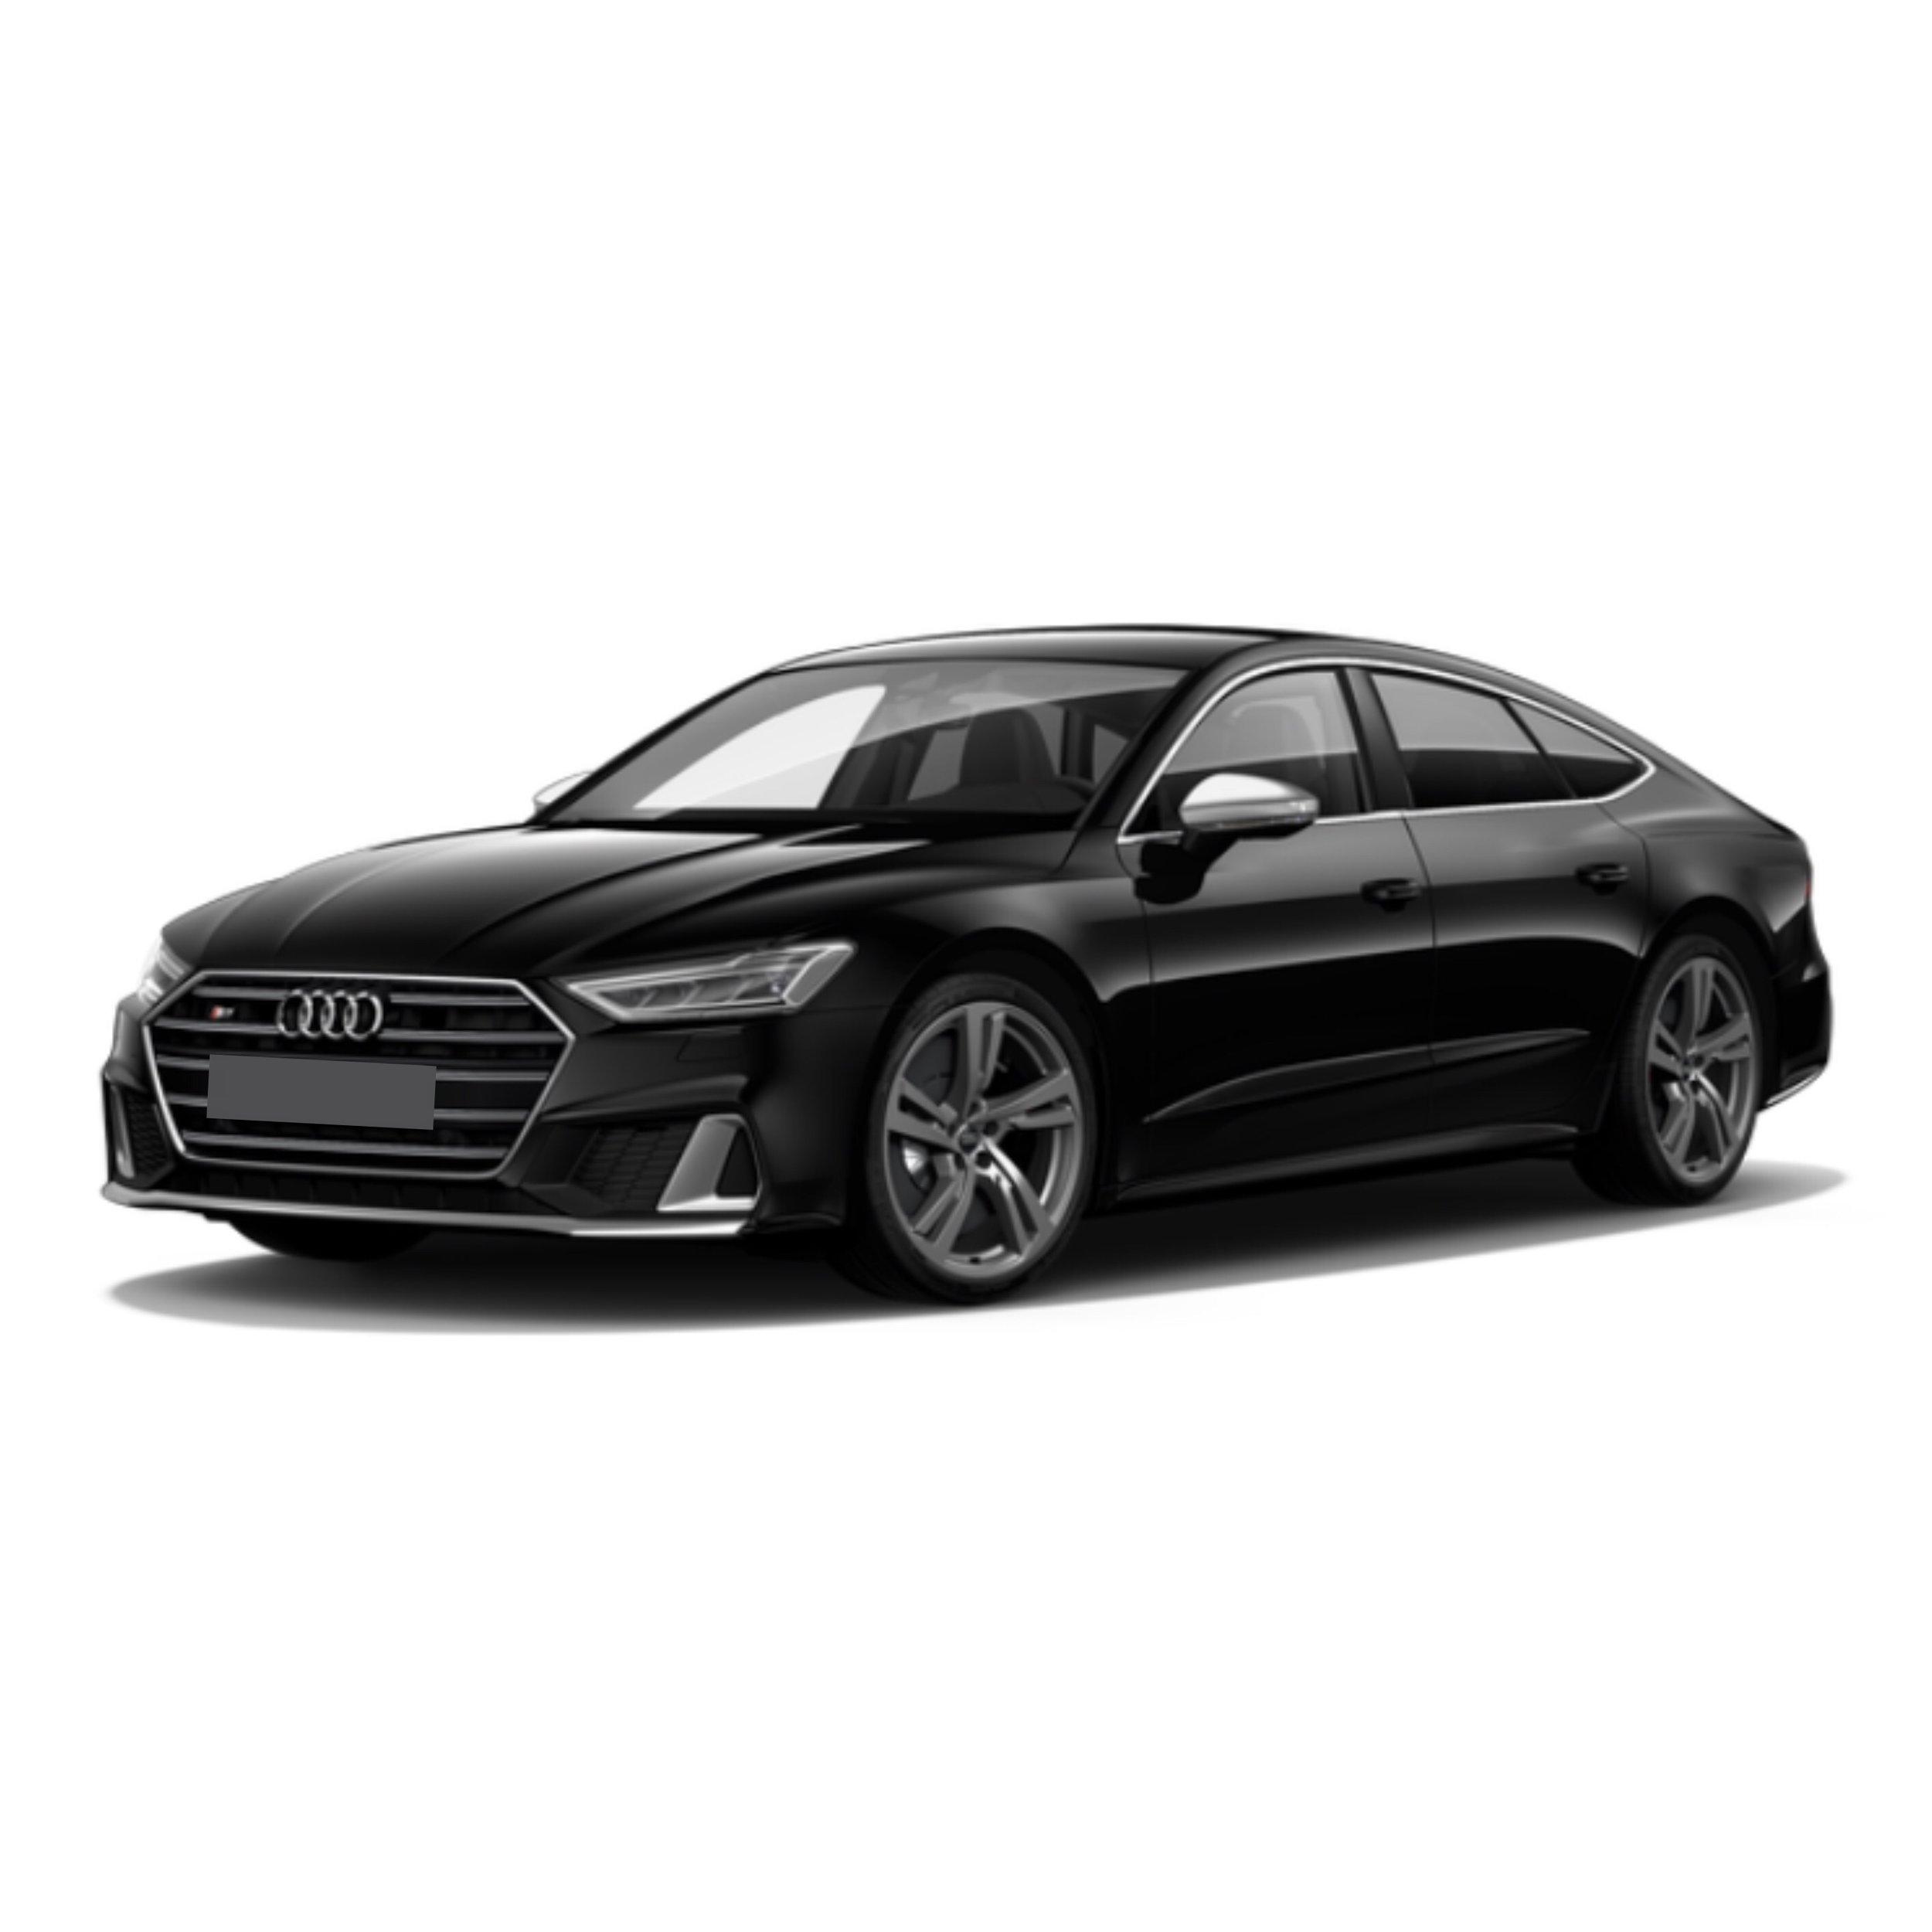 Audi S7 Sportback TDI (349PS)594,00€ / Monat - *Nur Gewerbekunden*alle Werte zzgl. der jeweiligen Umsatzsteuer